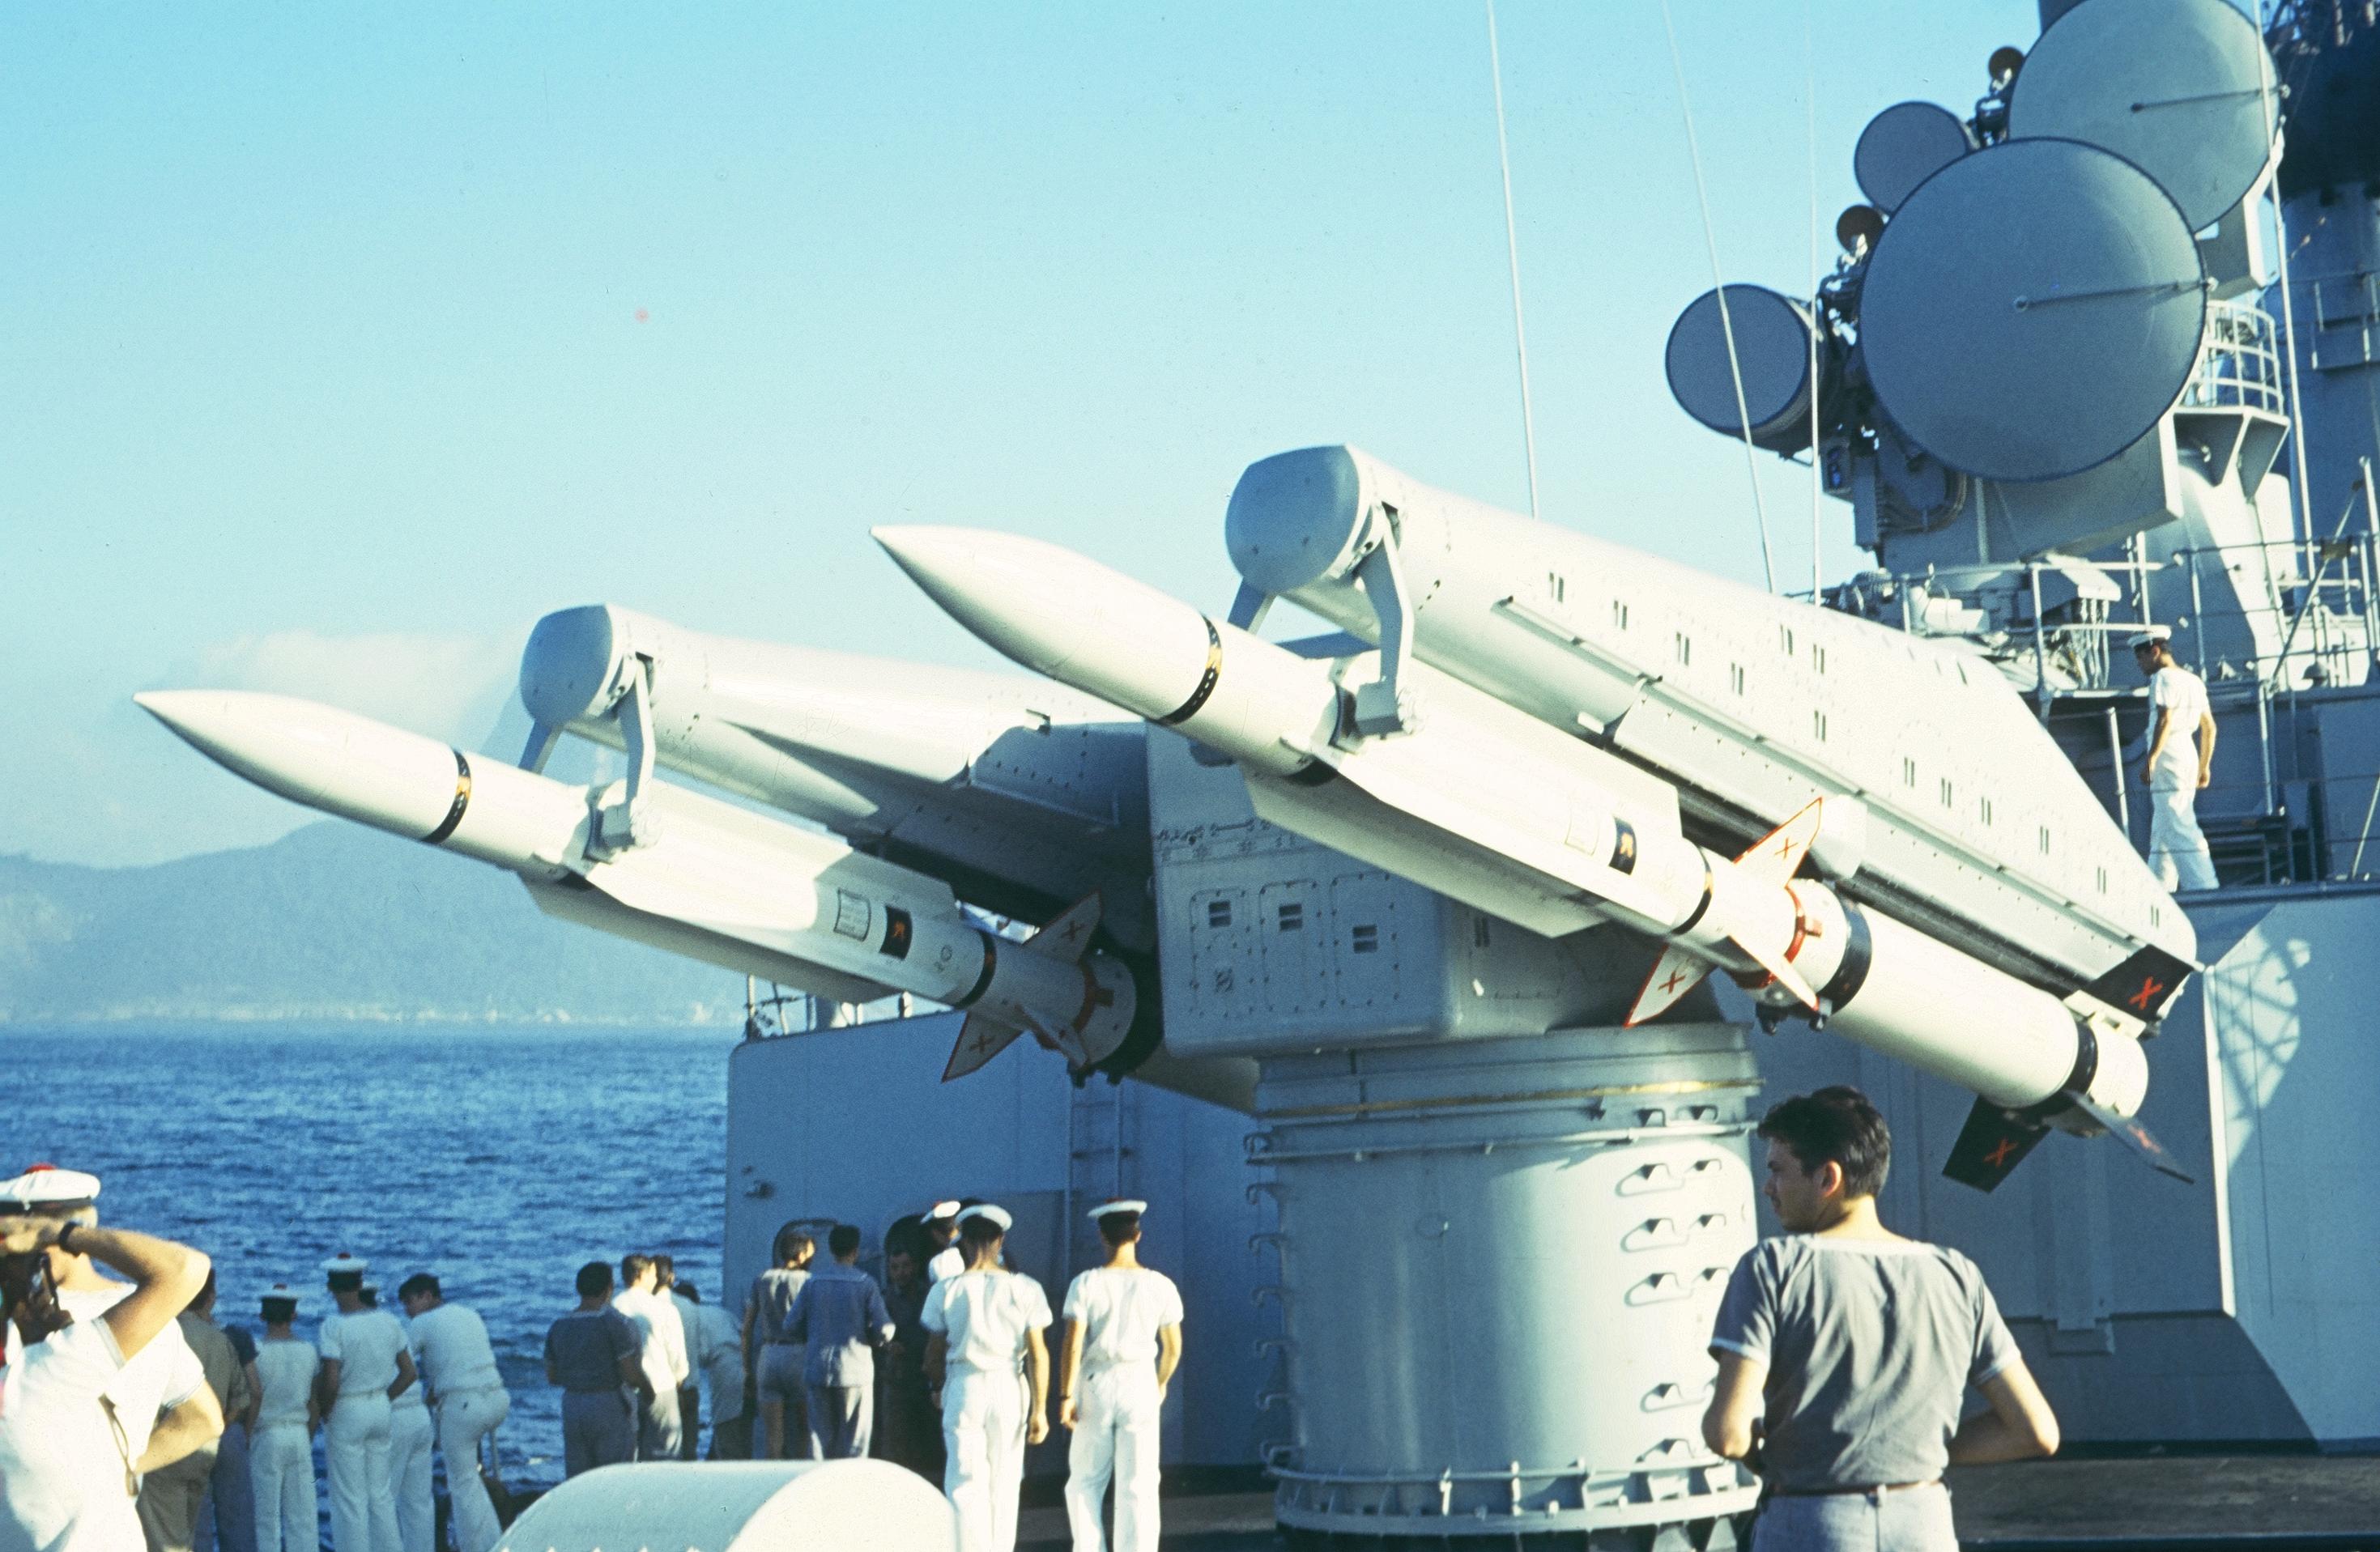 [ Les armements dans la Marine ] Missile MASURCA - Page 2 17103165790043